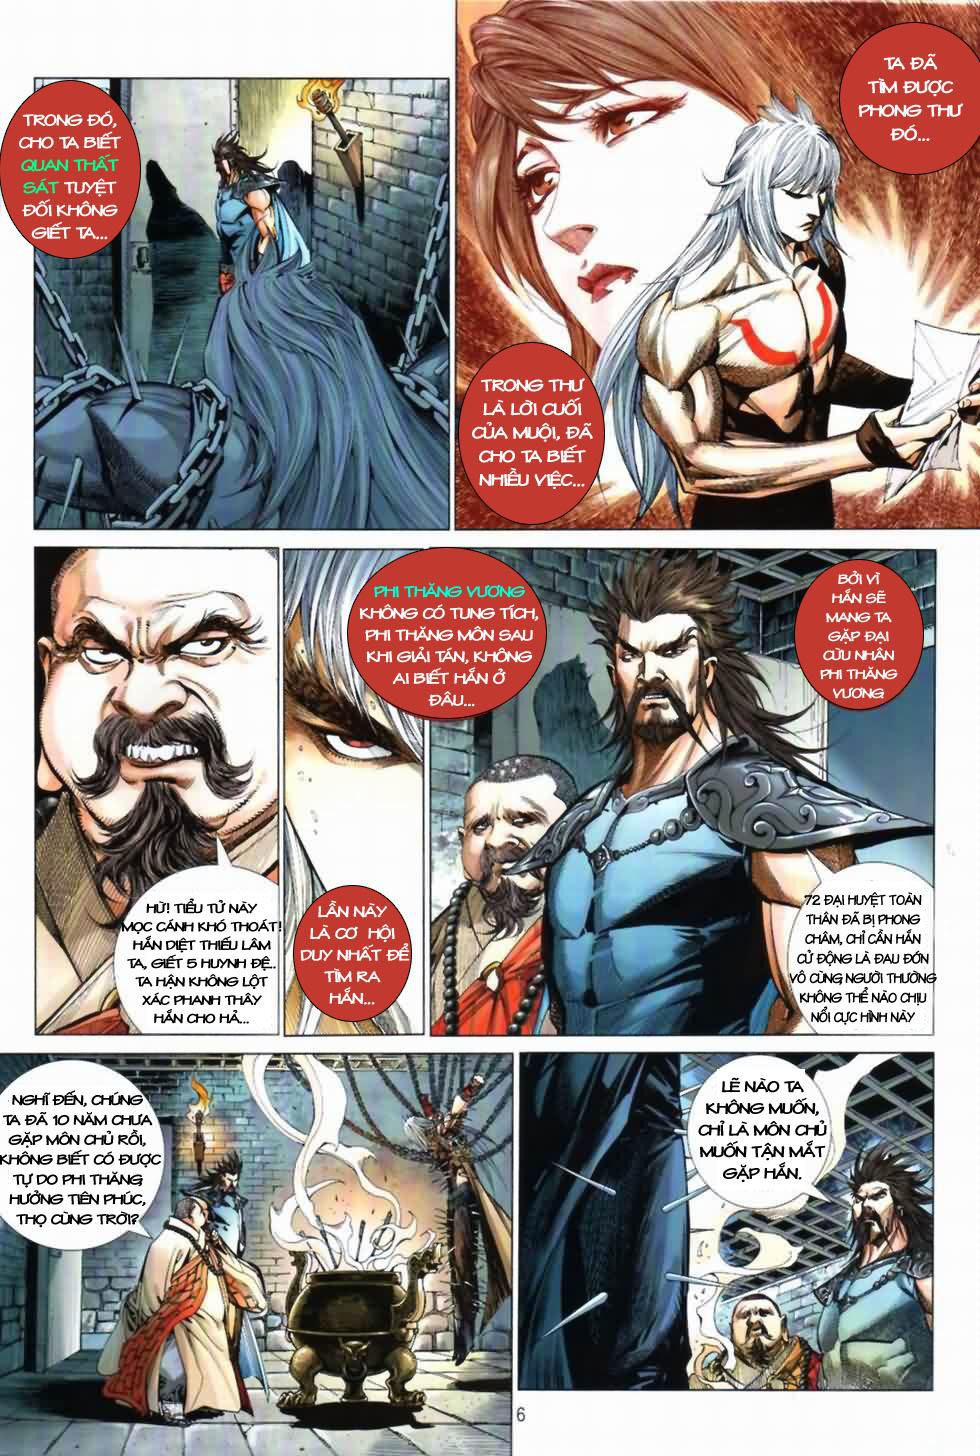 Thiên Hạ Vô Địch Kiếm Tà Thần chap 3 trang 6